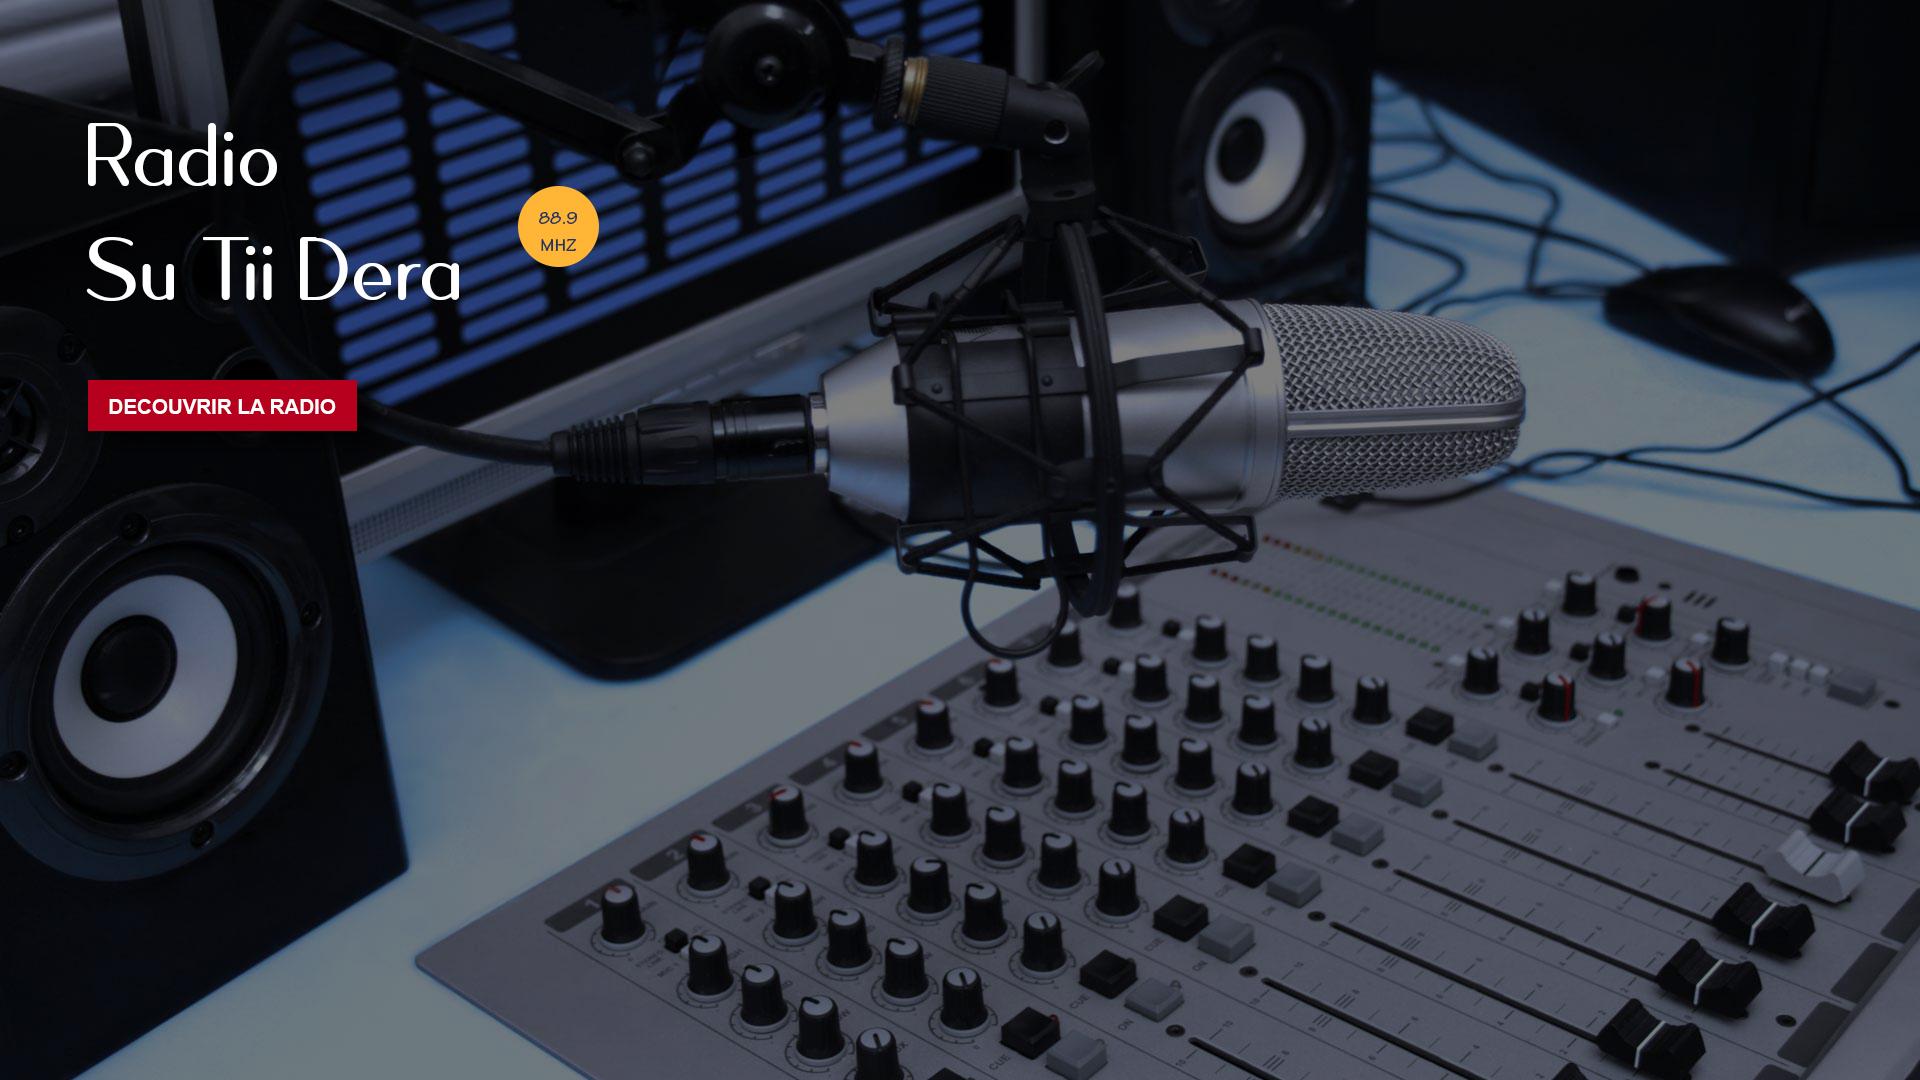 Bienvenue sur le portail de Radio Su Tii Dera